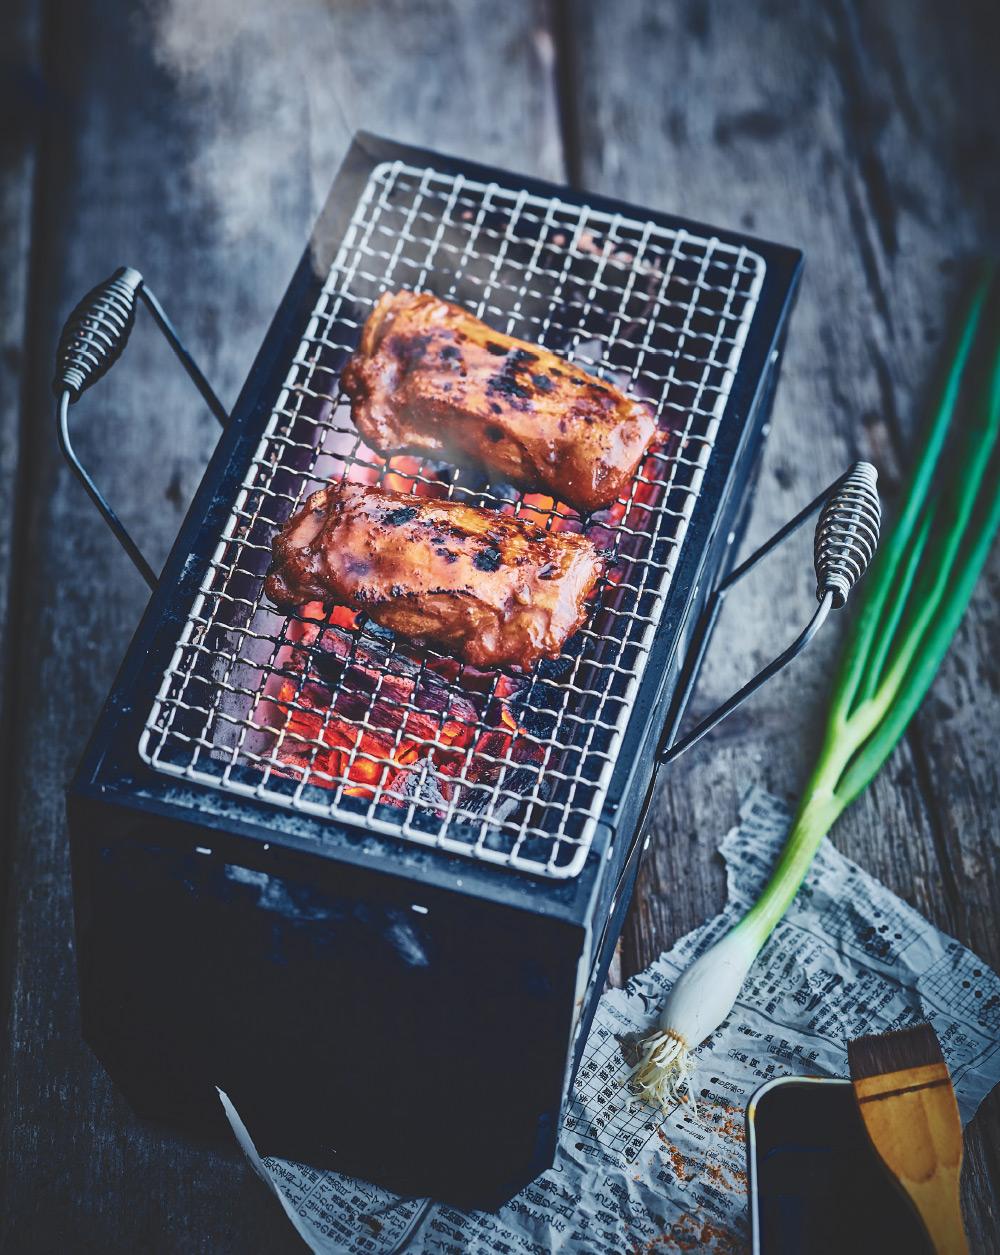 OOKIITORI, Haut de cuisse de poulet avec peau sans os, cuit au barbecue à la sauce Teriyaki